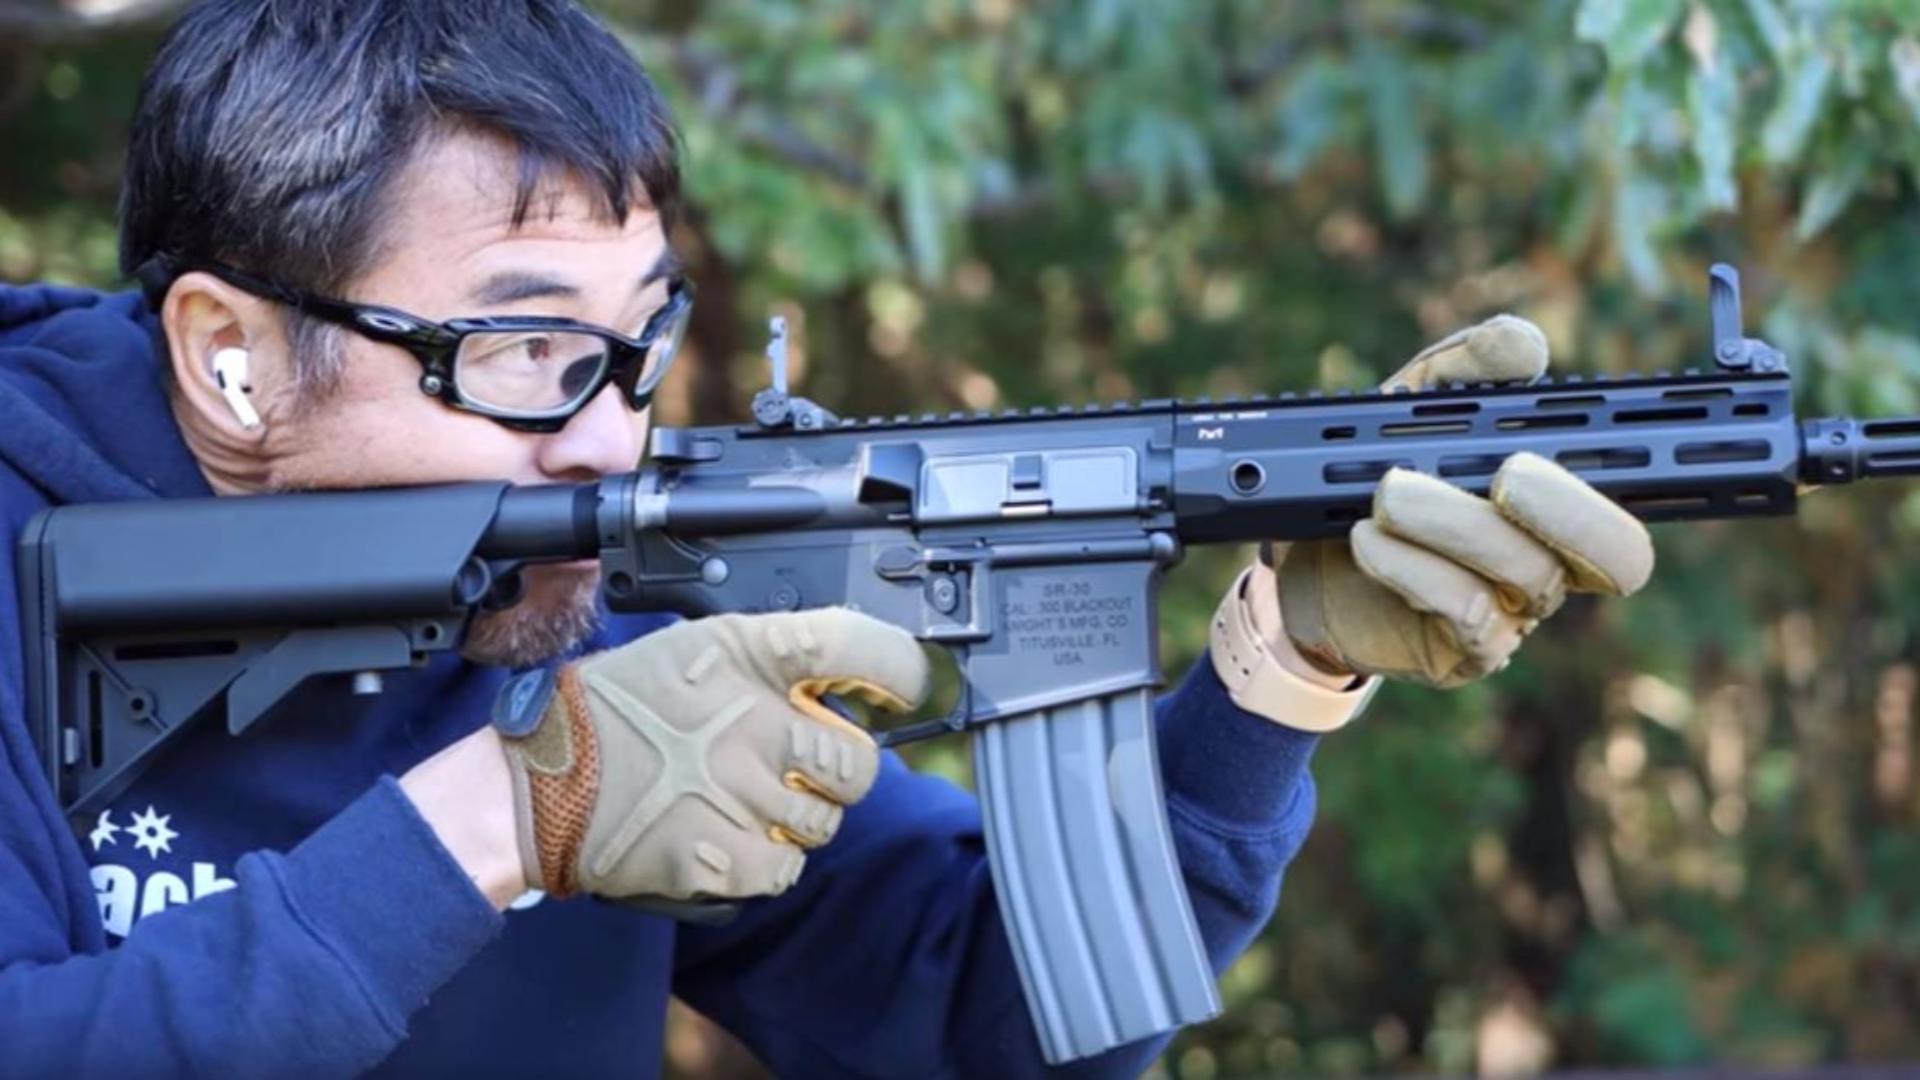 日本壕堺大叔:G&G SR30 M-LOK电动力 测评!